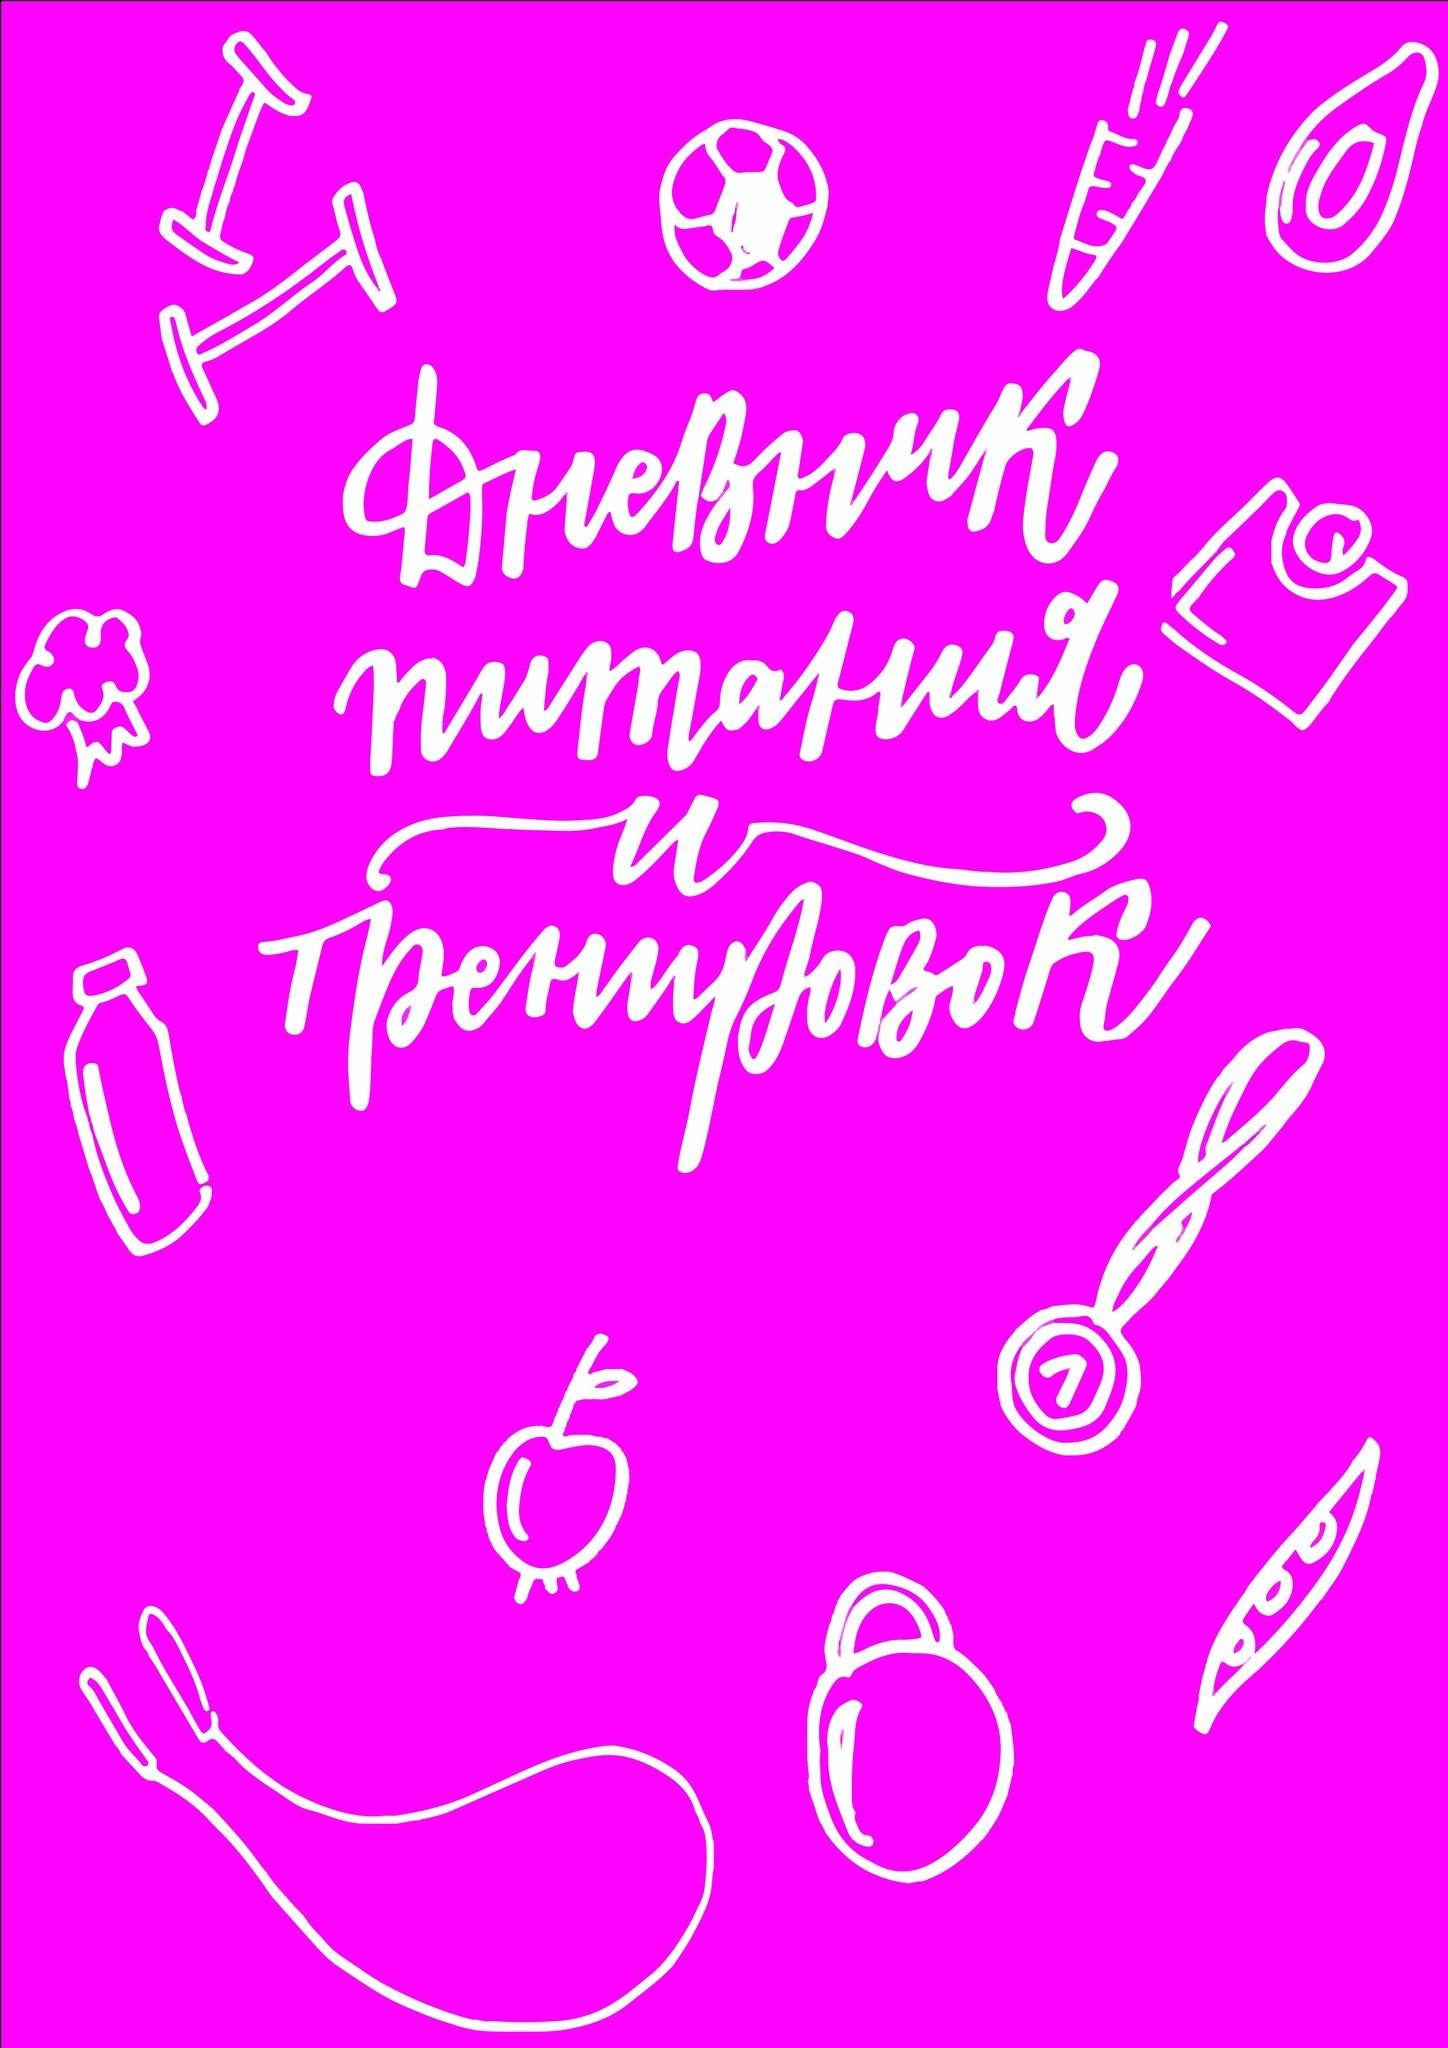 Обложка Для Дневника Похудения. Дневник похудения: скачать и распечатать шаблон